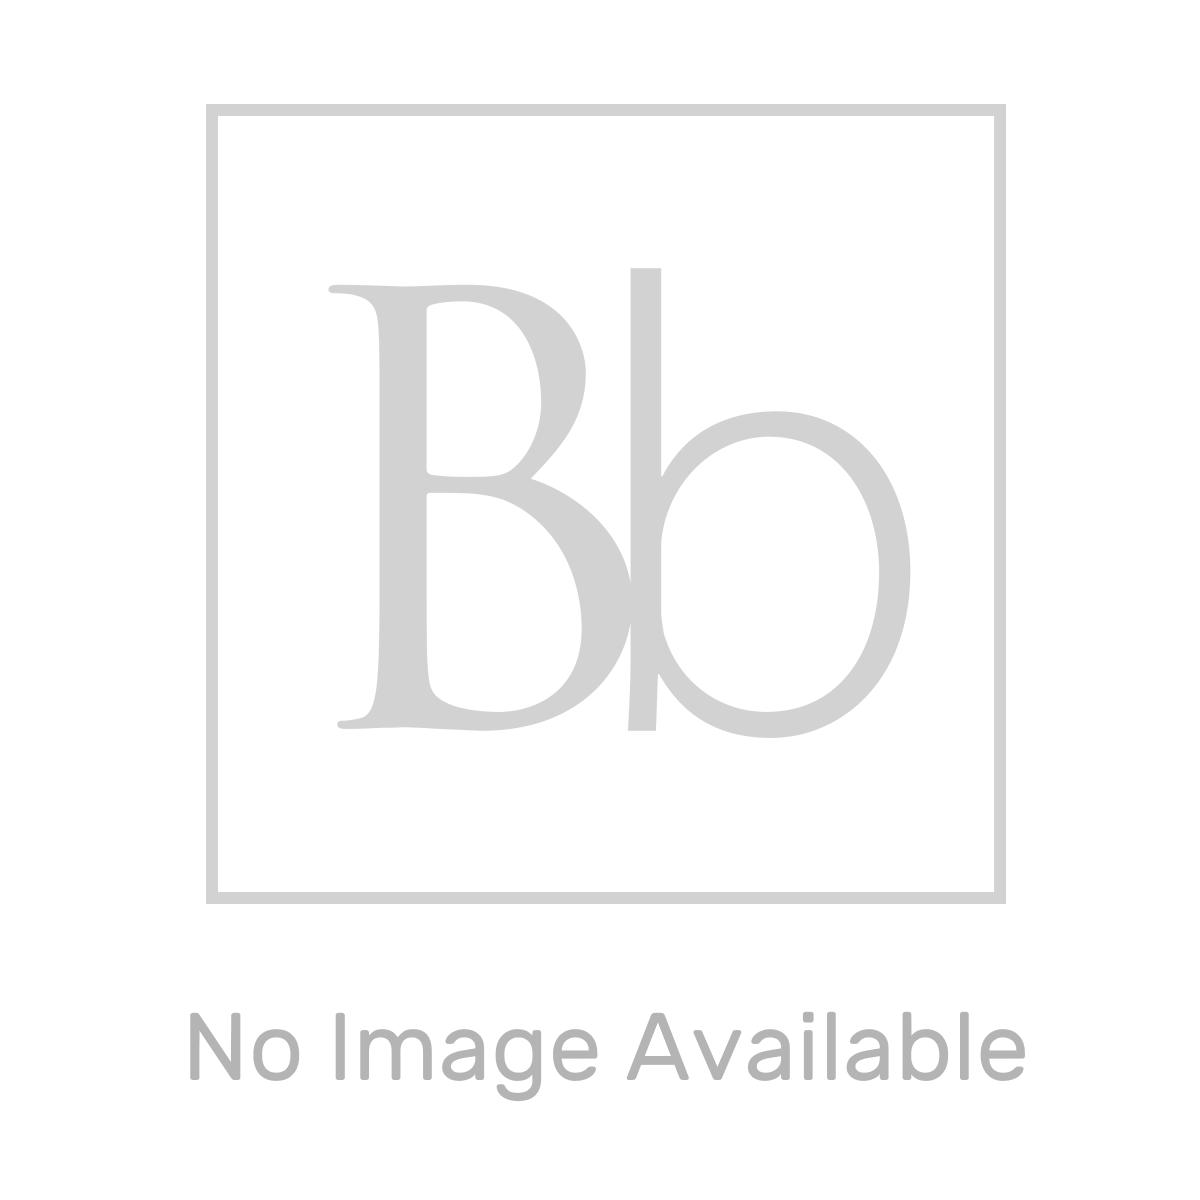 Frontline Slimline Offset Quadrant Shower Tray 1200 x 900mm Right Handed